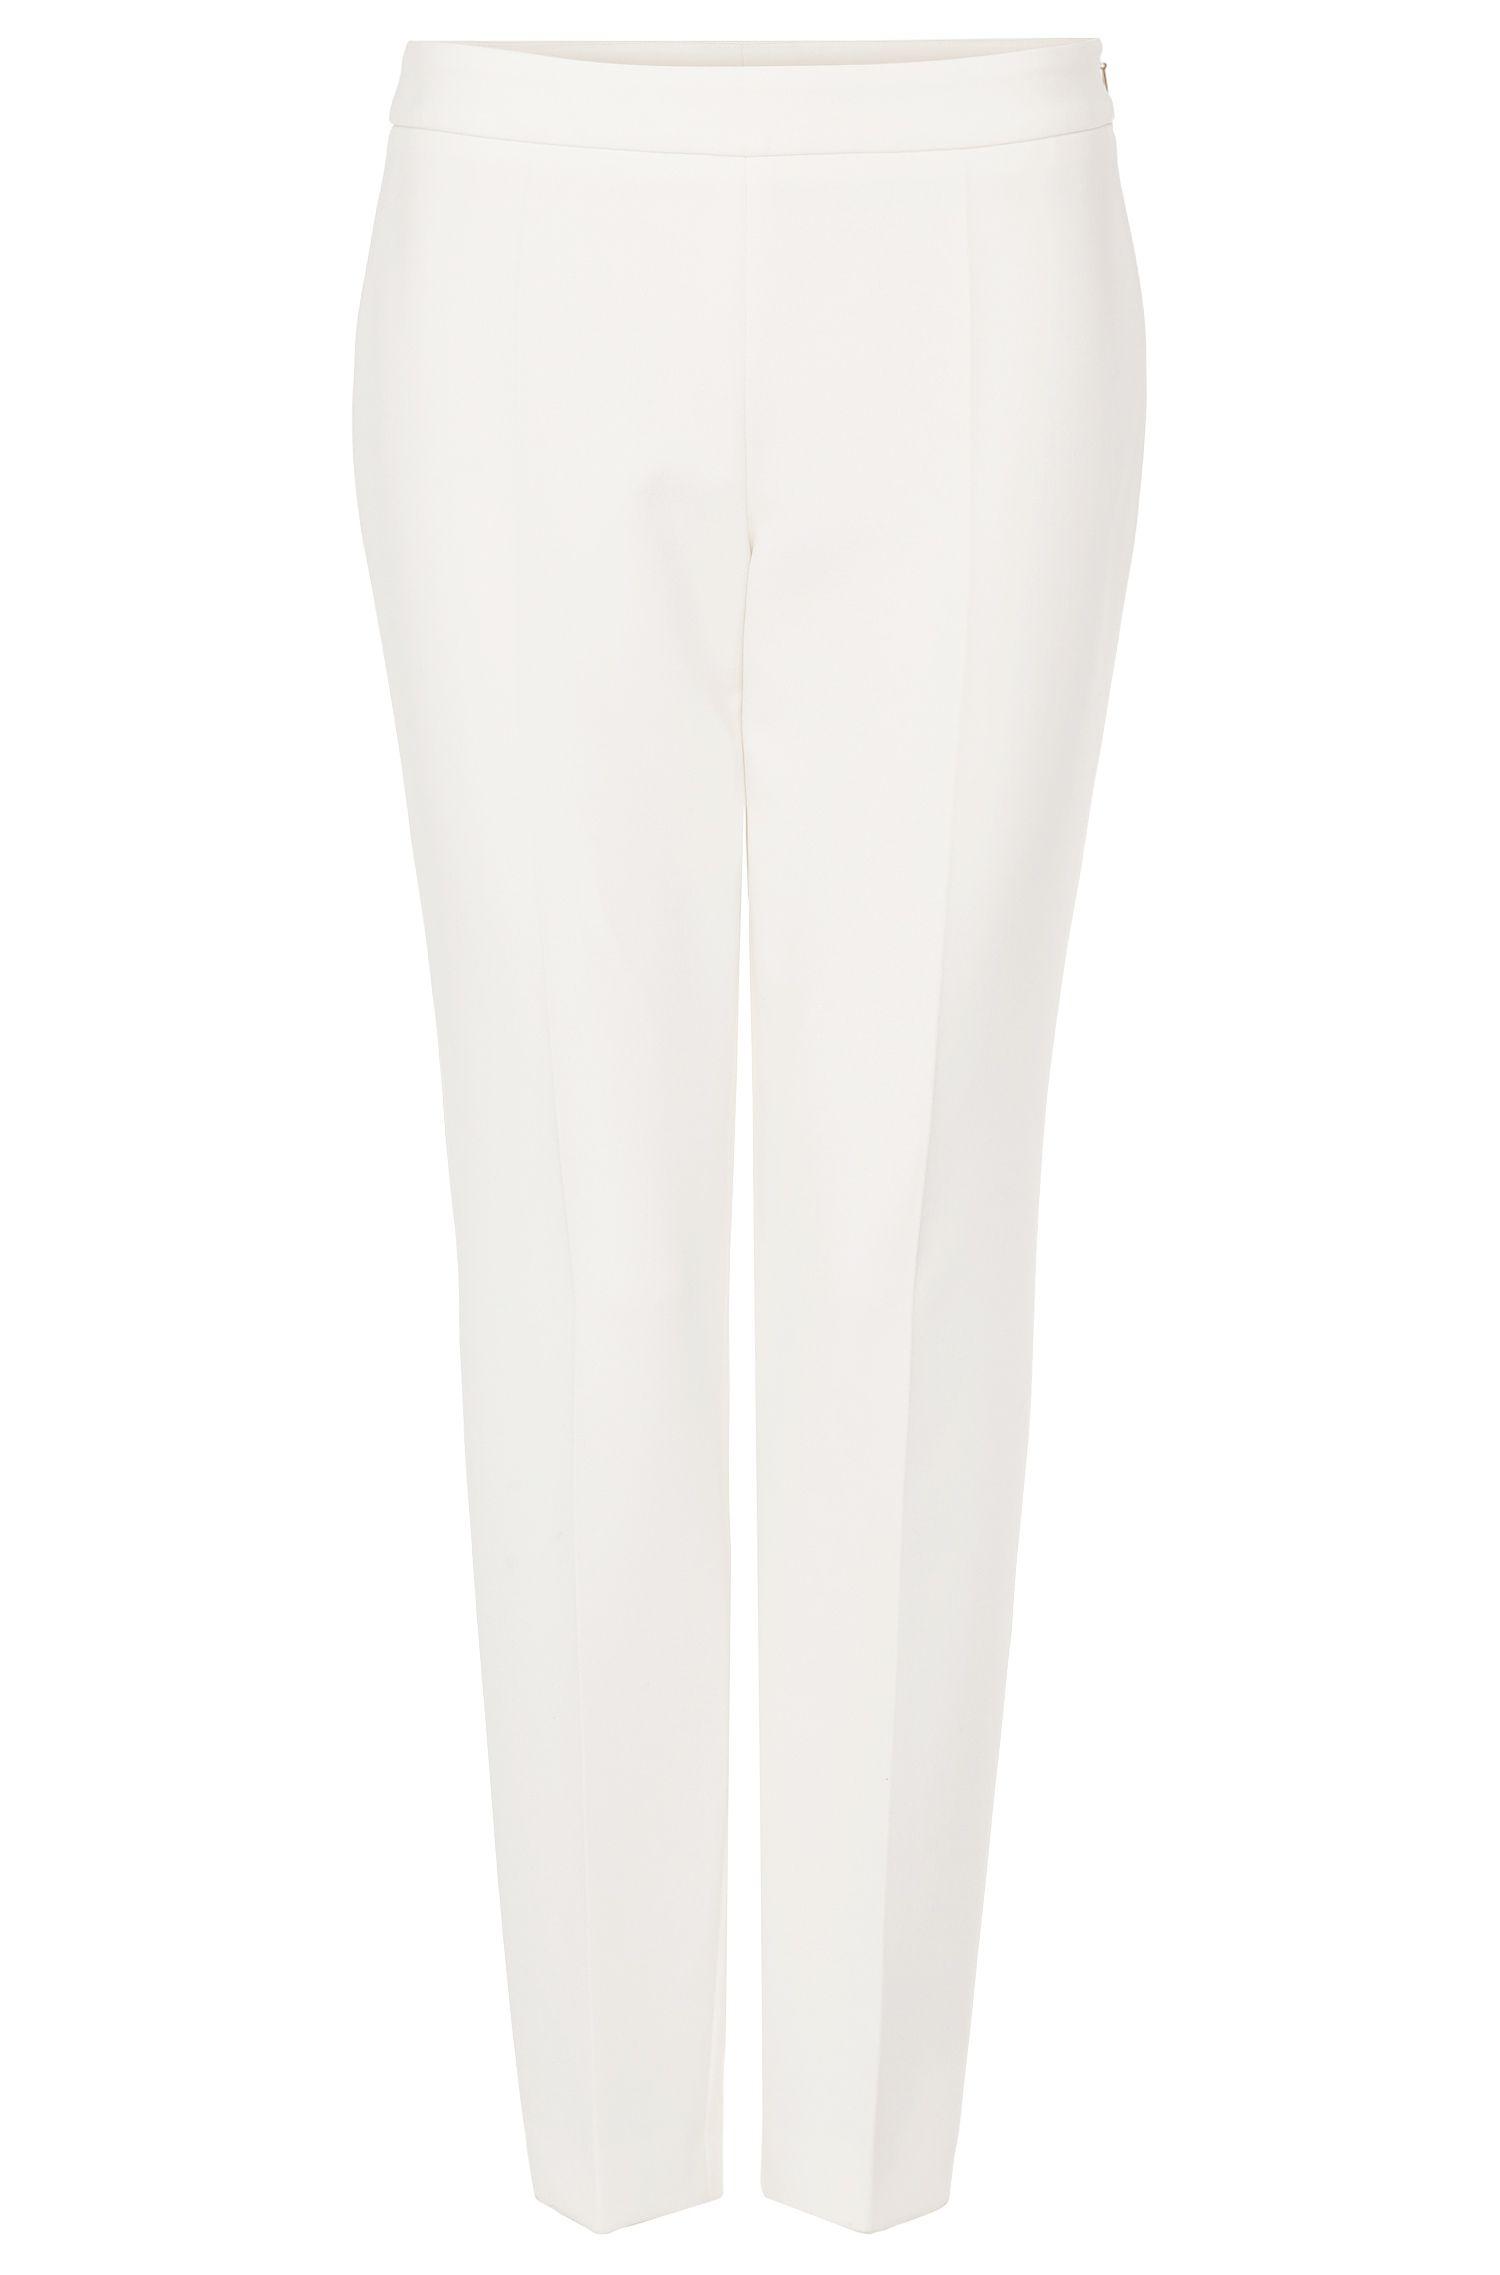 'Tiluna Side Zip' | Stretch Cotton Crepe Dress Pants